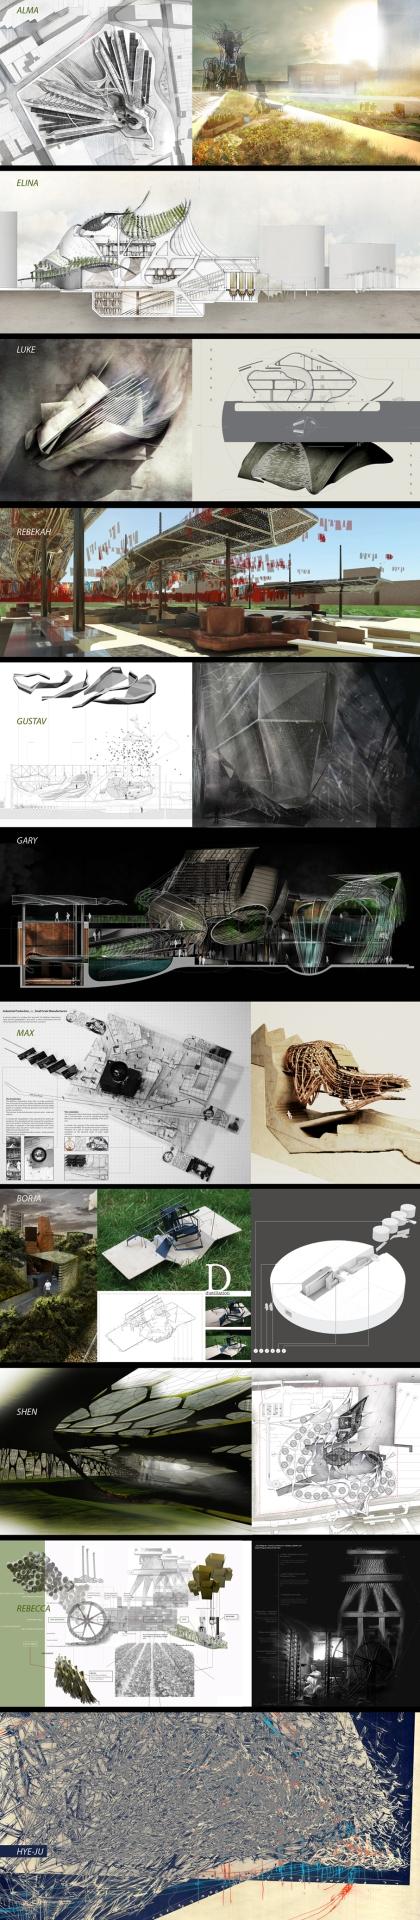 online exhibit_02